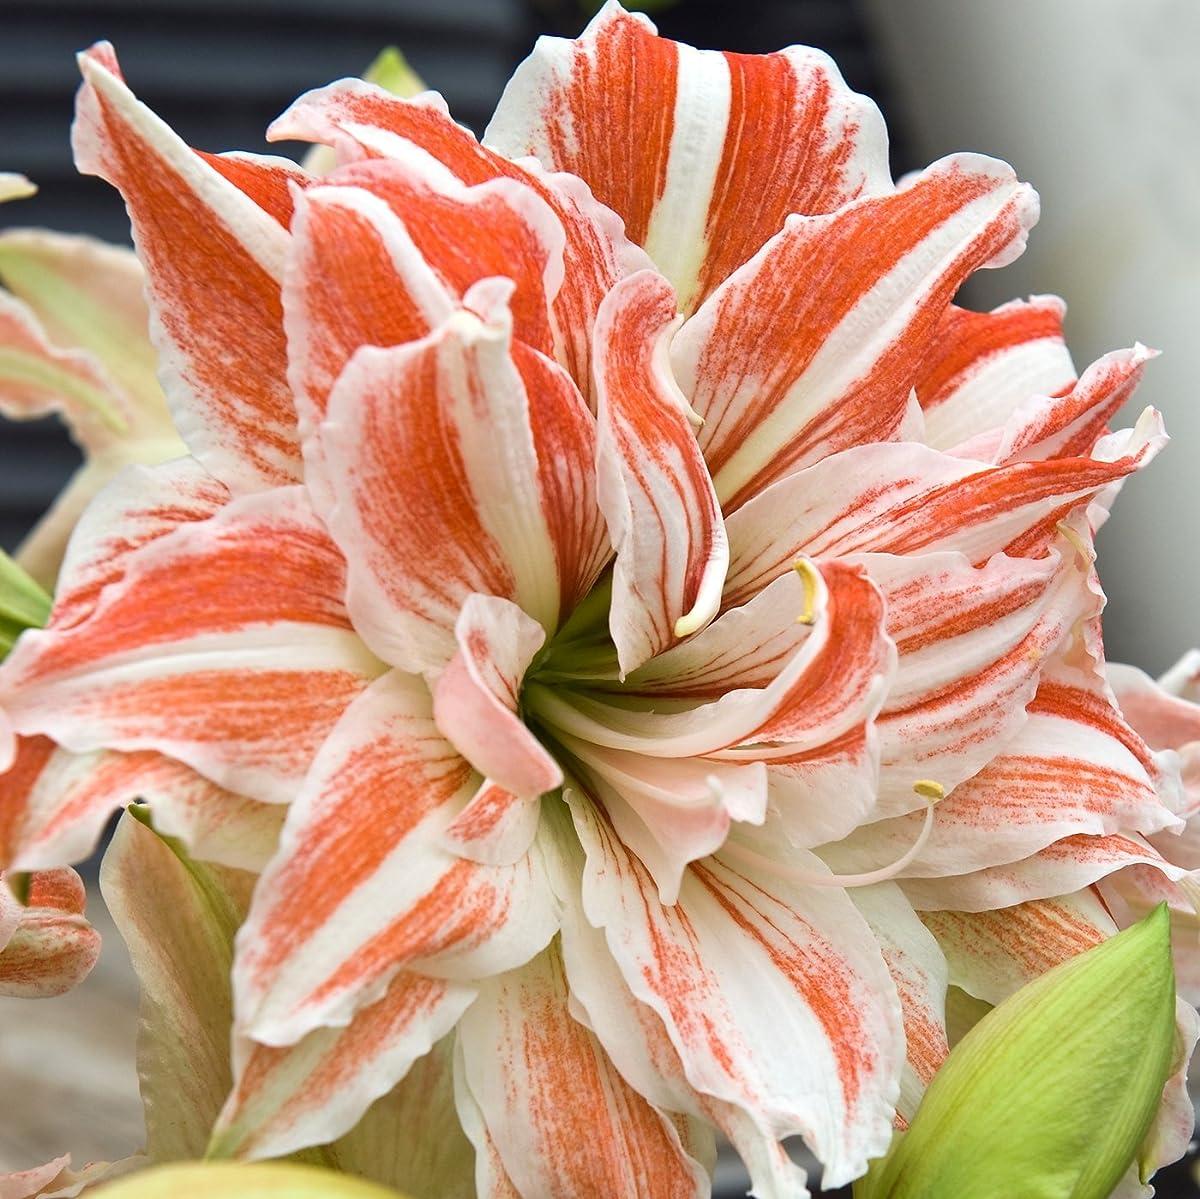 Double Amaryllis Dancing Queen - 1 bulb - 30/32 cm Amaryllis Bulbs - Double Flowering Amaryllis Bulbs